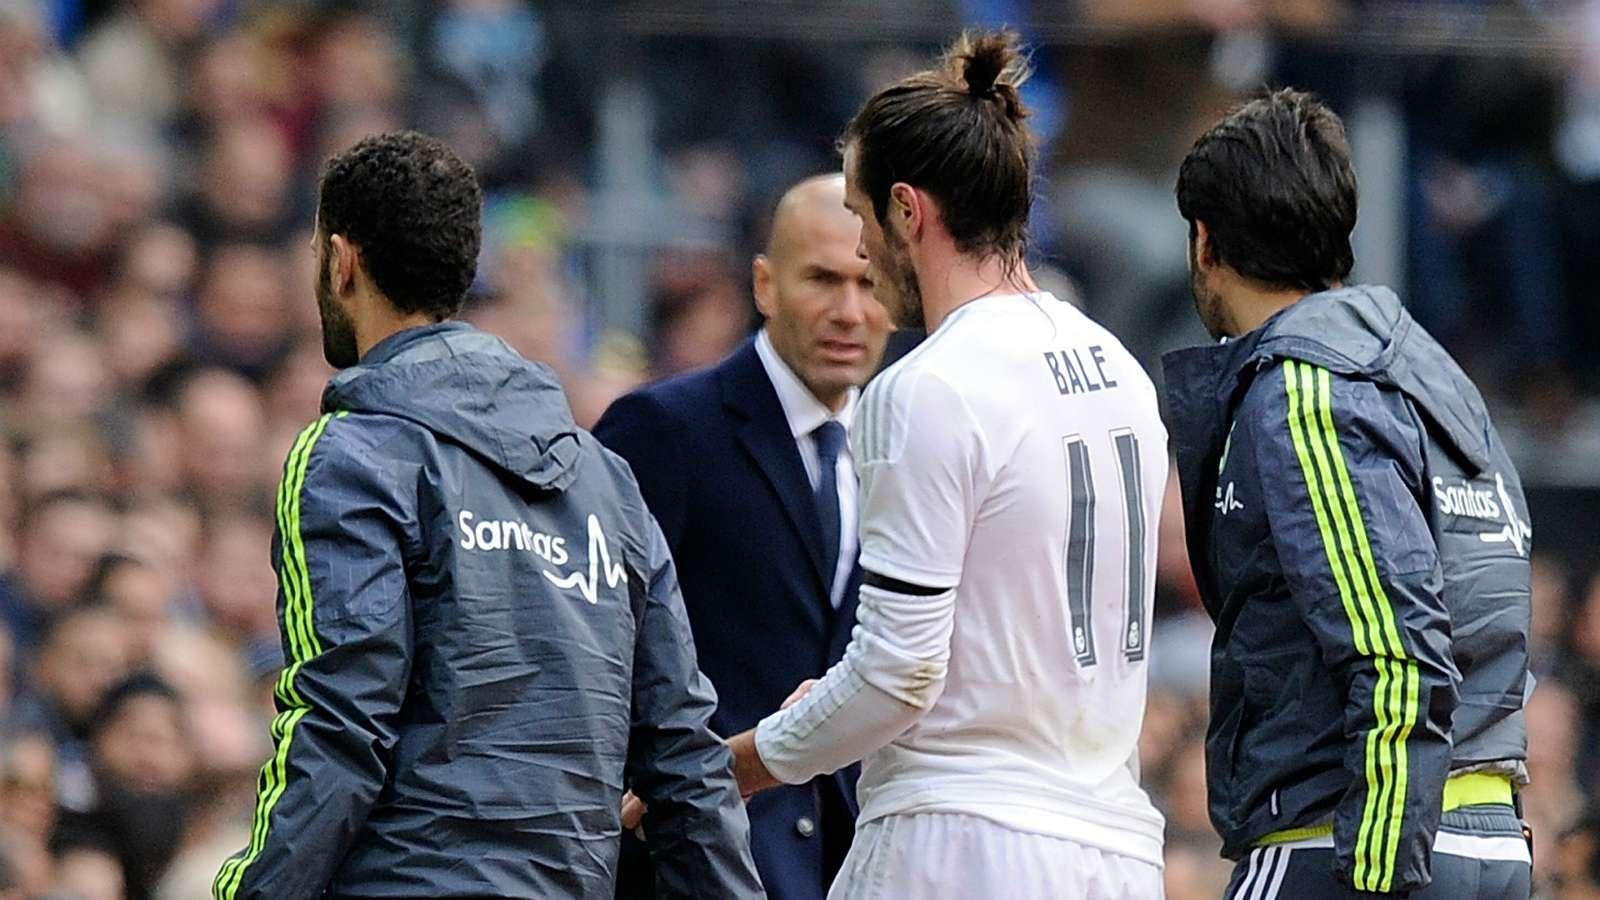 Cựu chủ tịch Real tiết lộ mối quan hệ giữa Zidane, Ronaldo và Bale - Bóng Đá